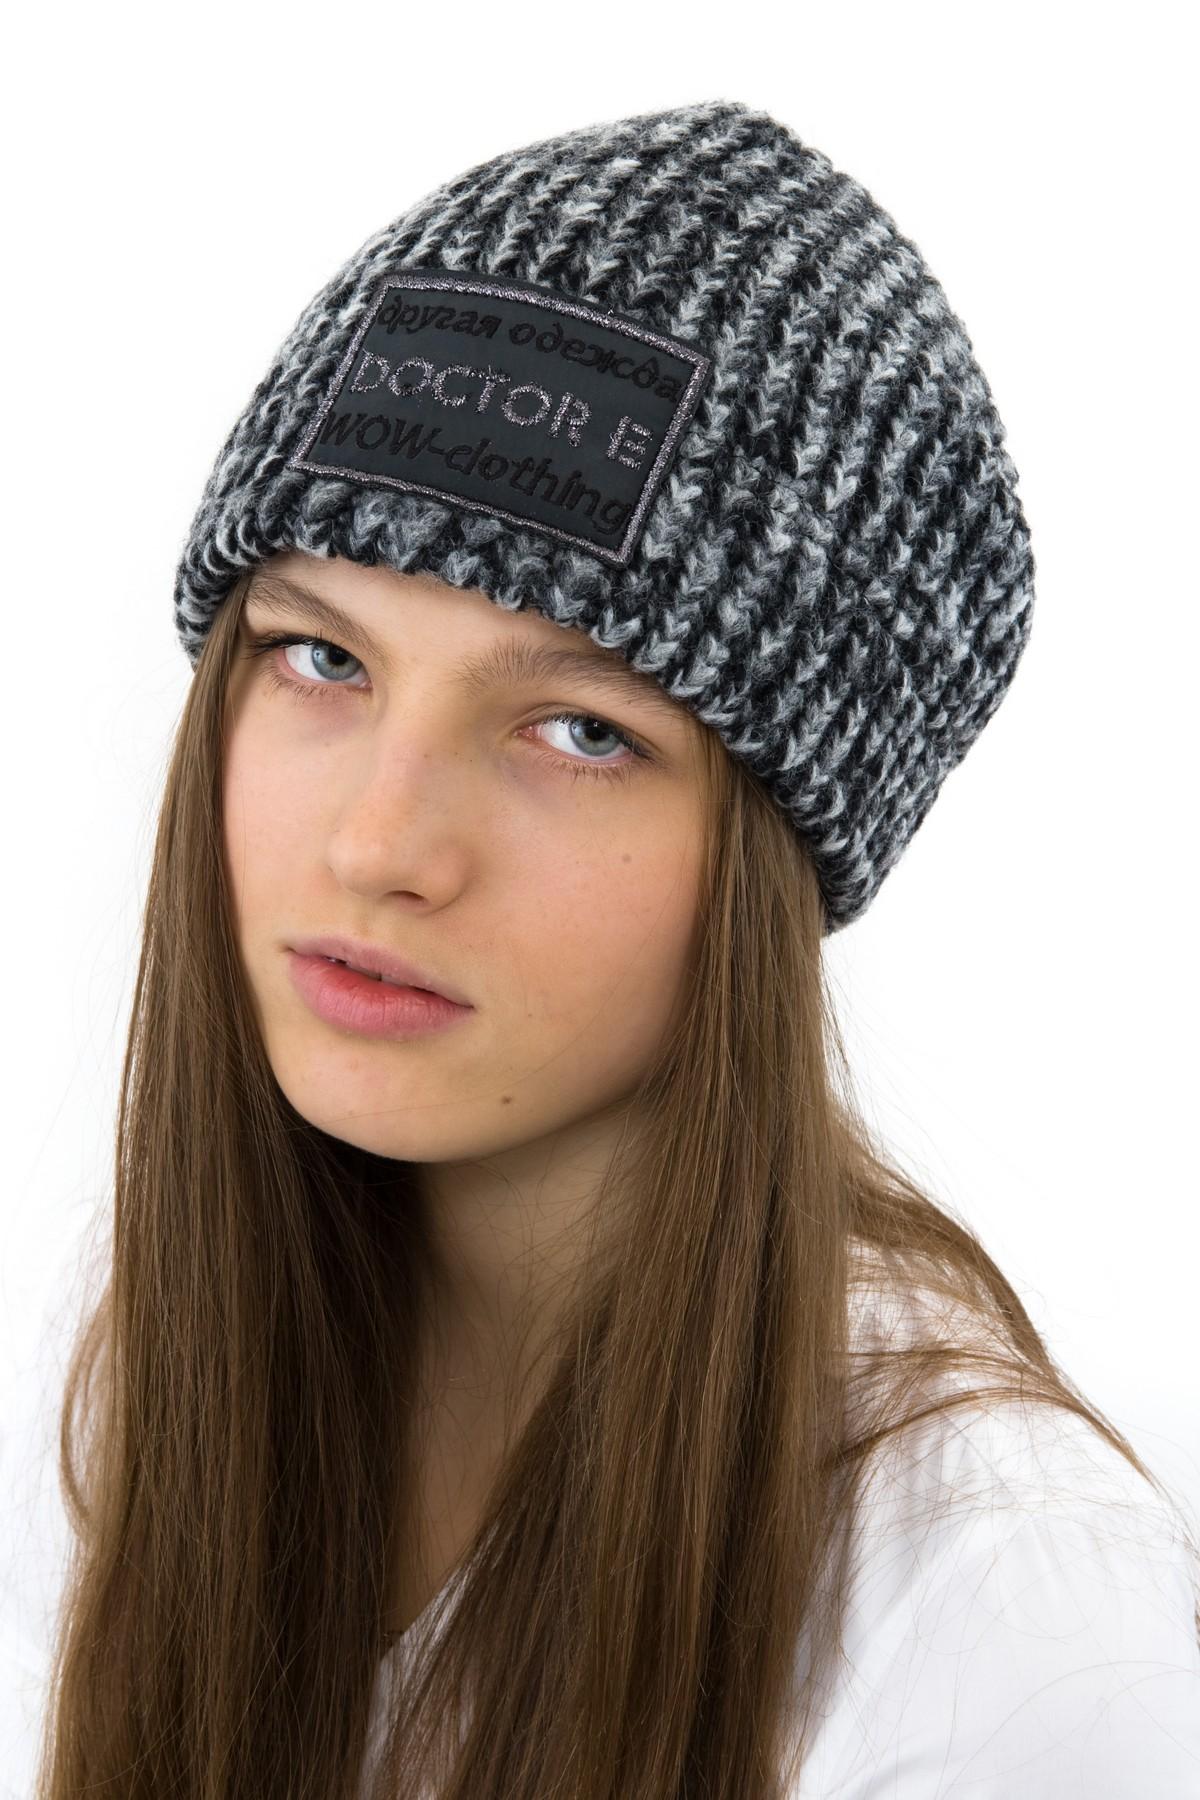 ШапкаАксессуары<br>Стильная шапка из итальянской шерстяной ткани. Идеальный вариант на любой случай.<br><br>Цвет: серый<br>Состав: 80% шерсть,15% полиэстер, 5 % акрил<br>Страна дизайна: Россия<br>Страна производства: Россия